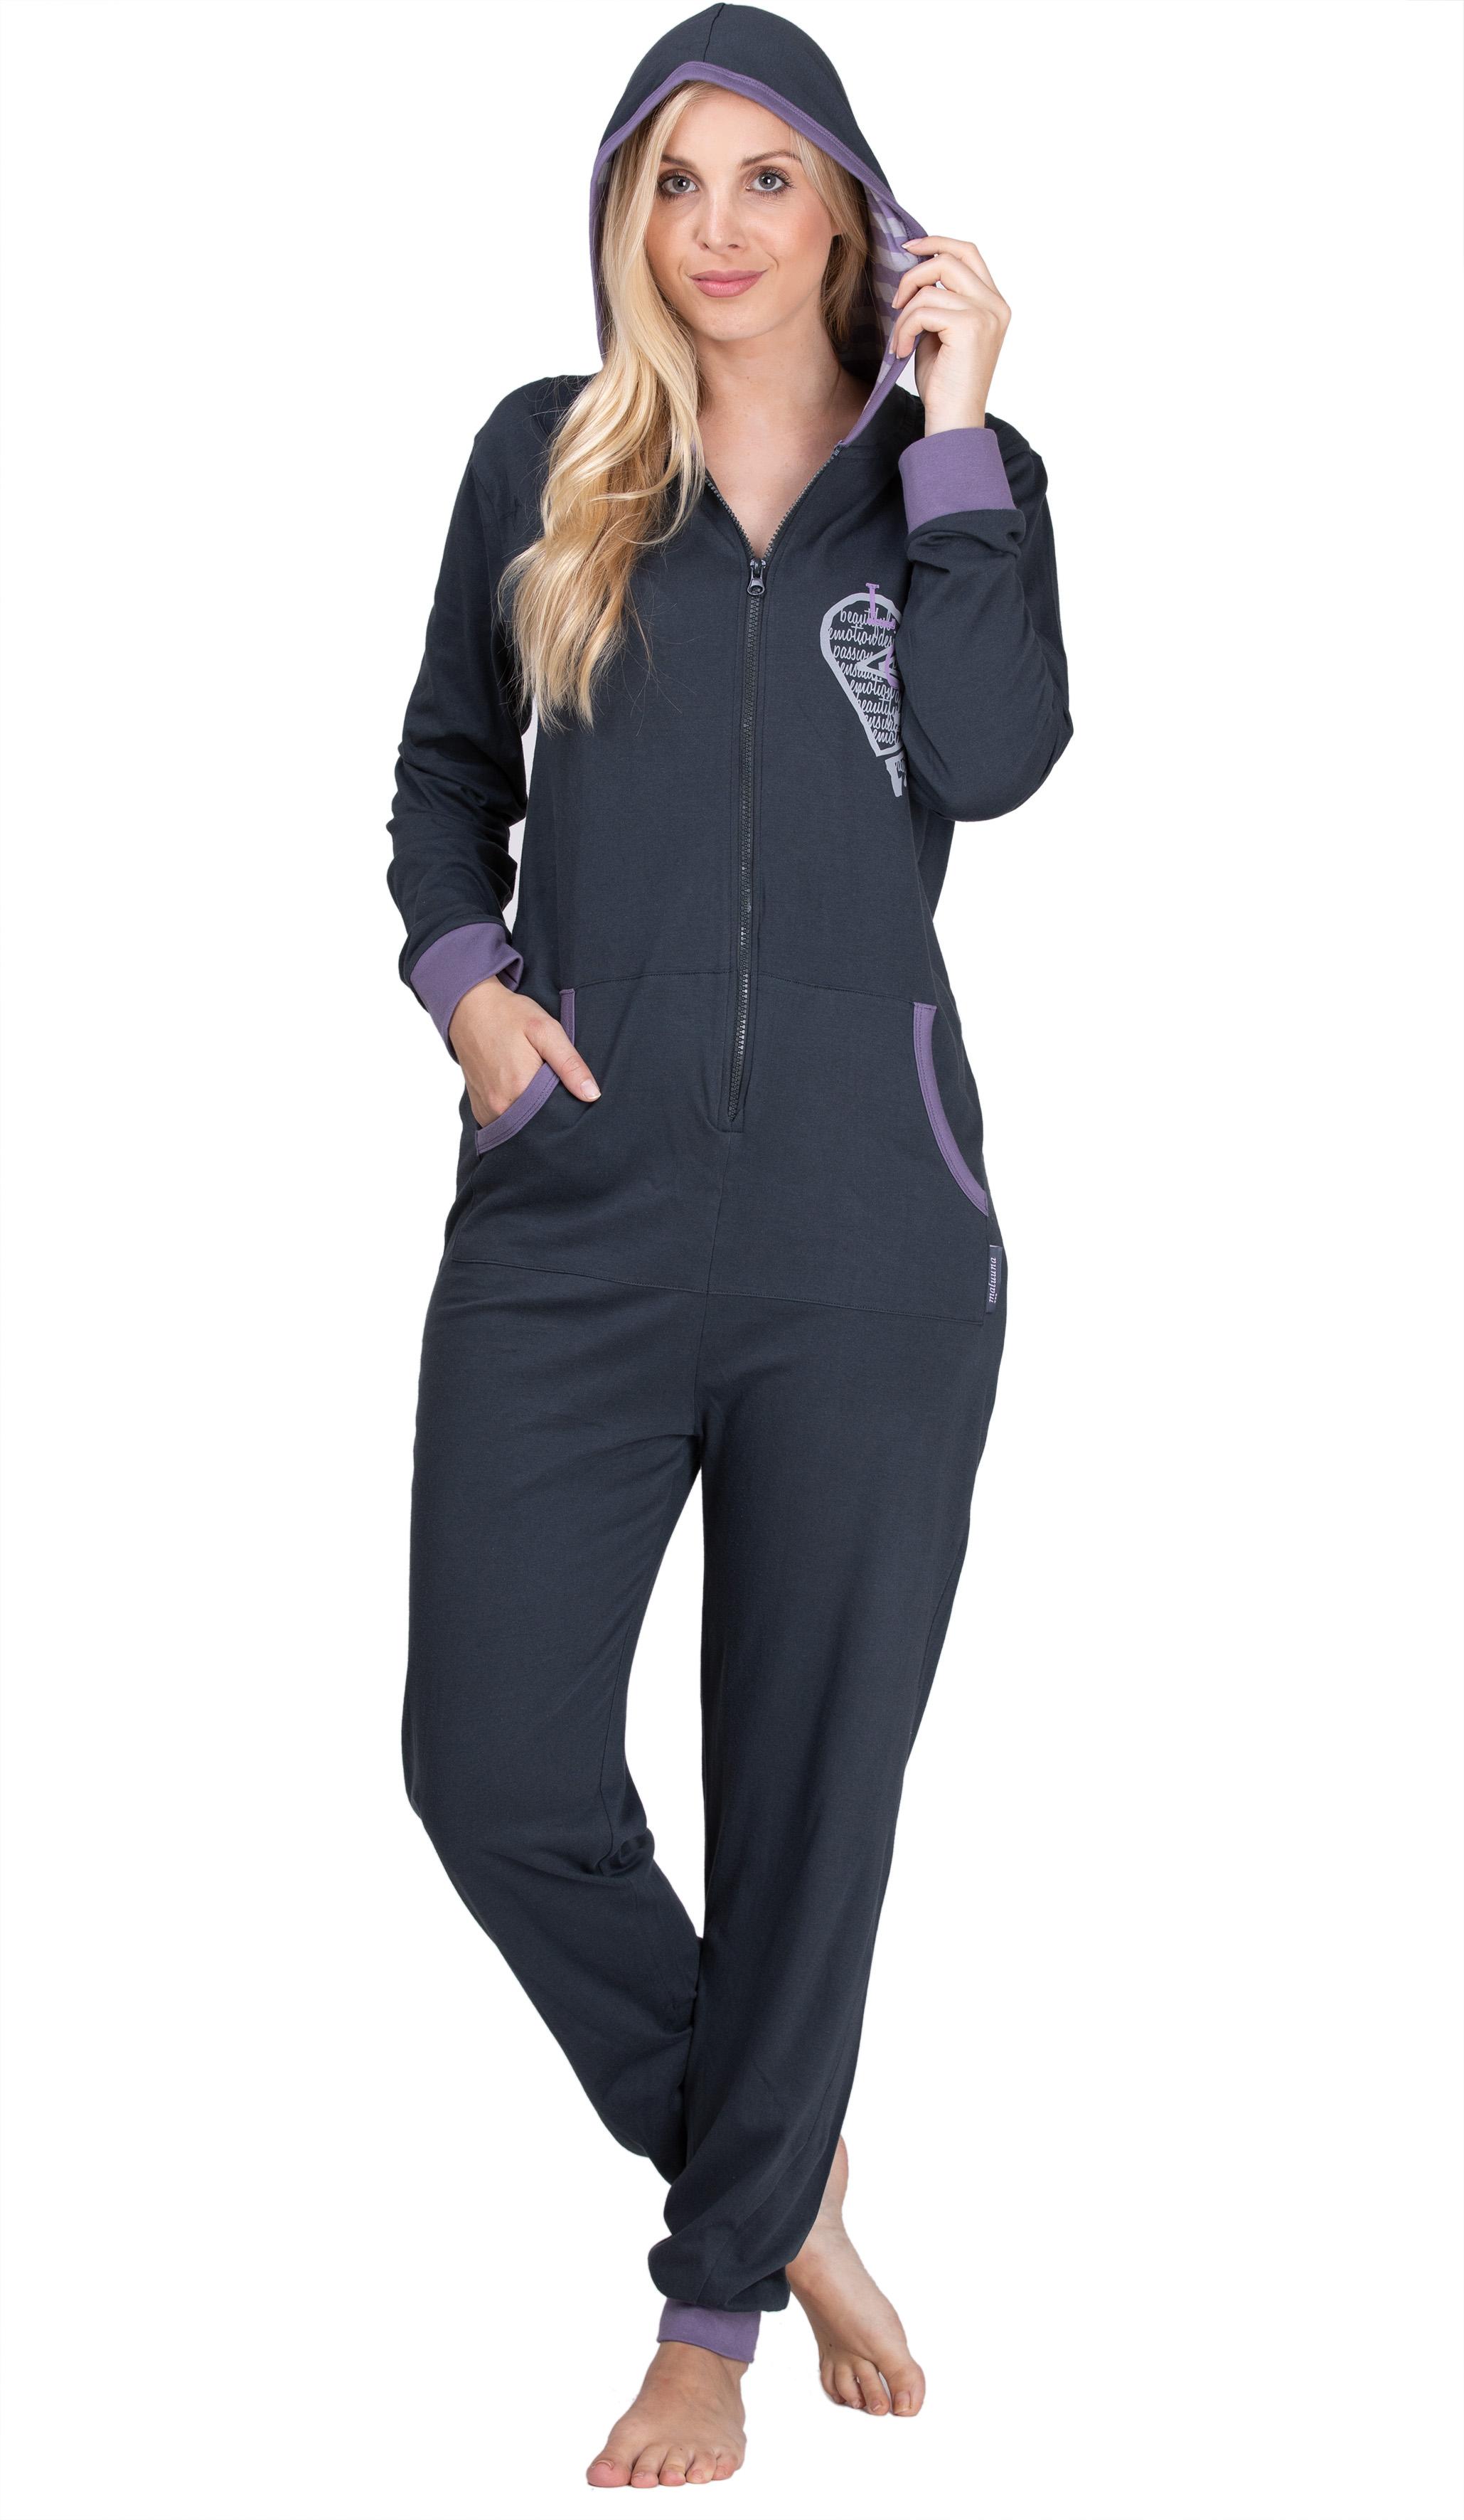 Großhandelspreis 2019 großer Abverkauf neueste auswahl maluuna - Damen Jumpsuit, Onesie, Overall, Einteiler mit Bündchen an Arm-  und Beinabschluss aus 100% Baumwolle